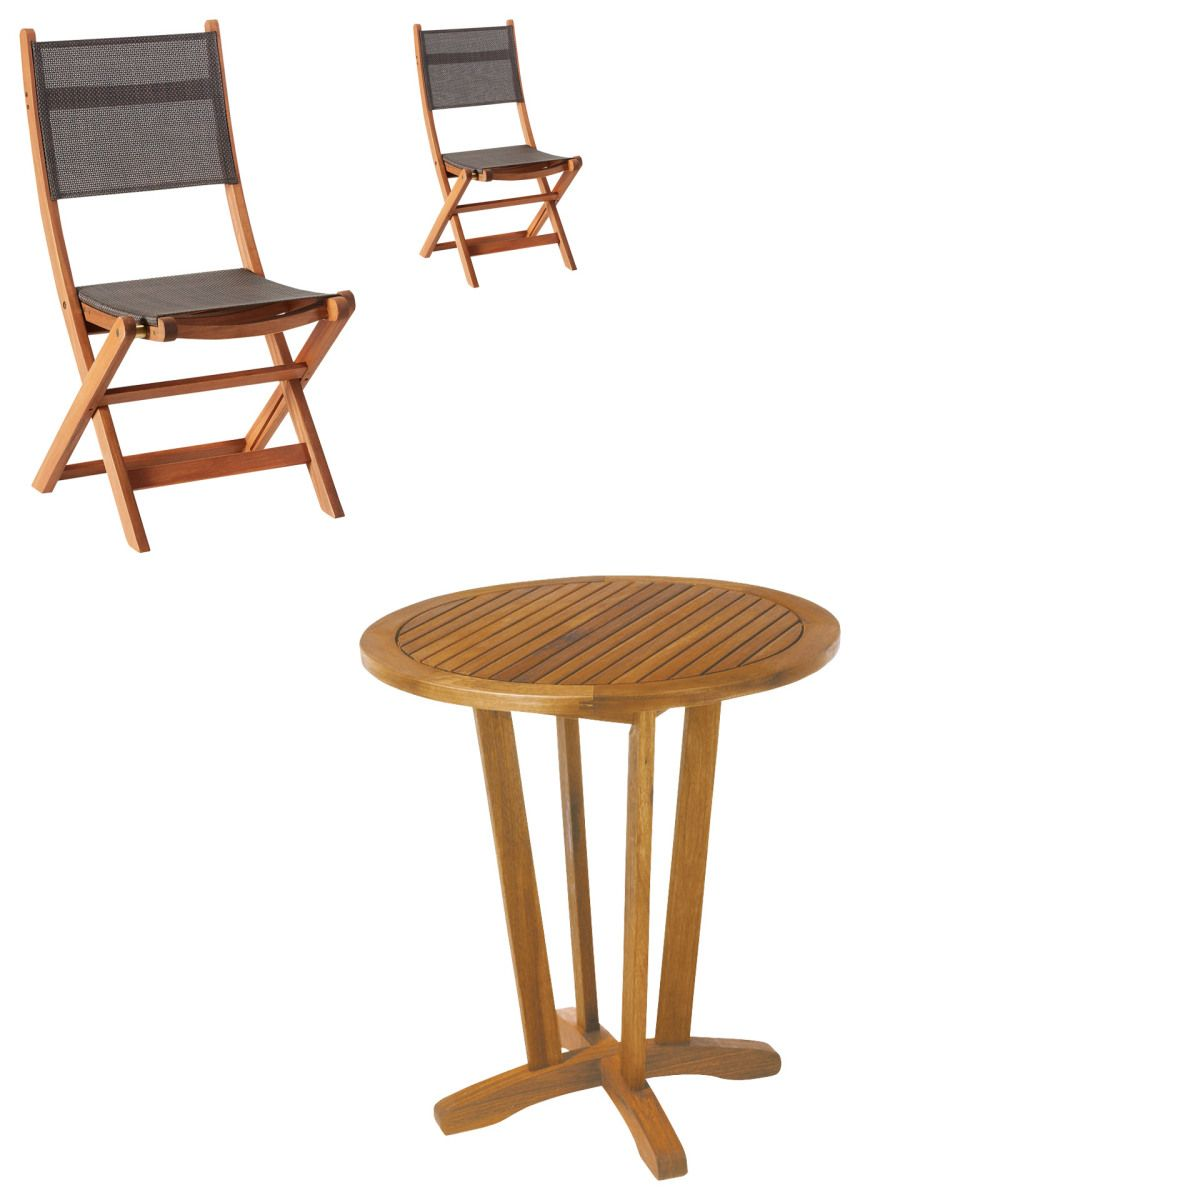 Gartenmöbel-Set Safari/Da Nang (1 Tisch, 2 Klappstühle) Jetzt ...